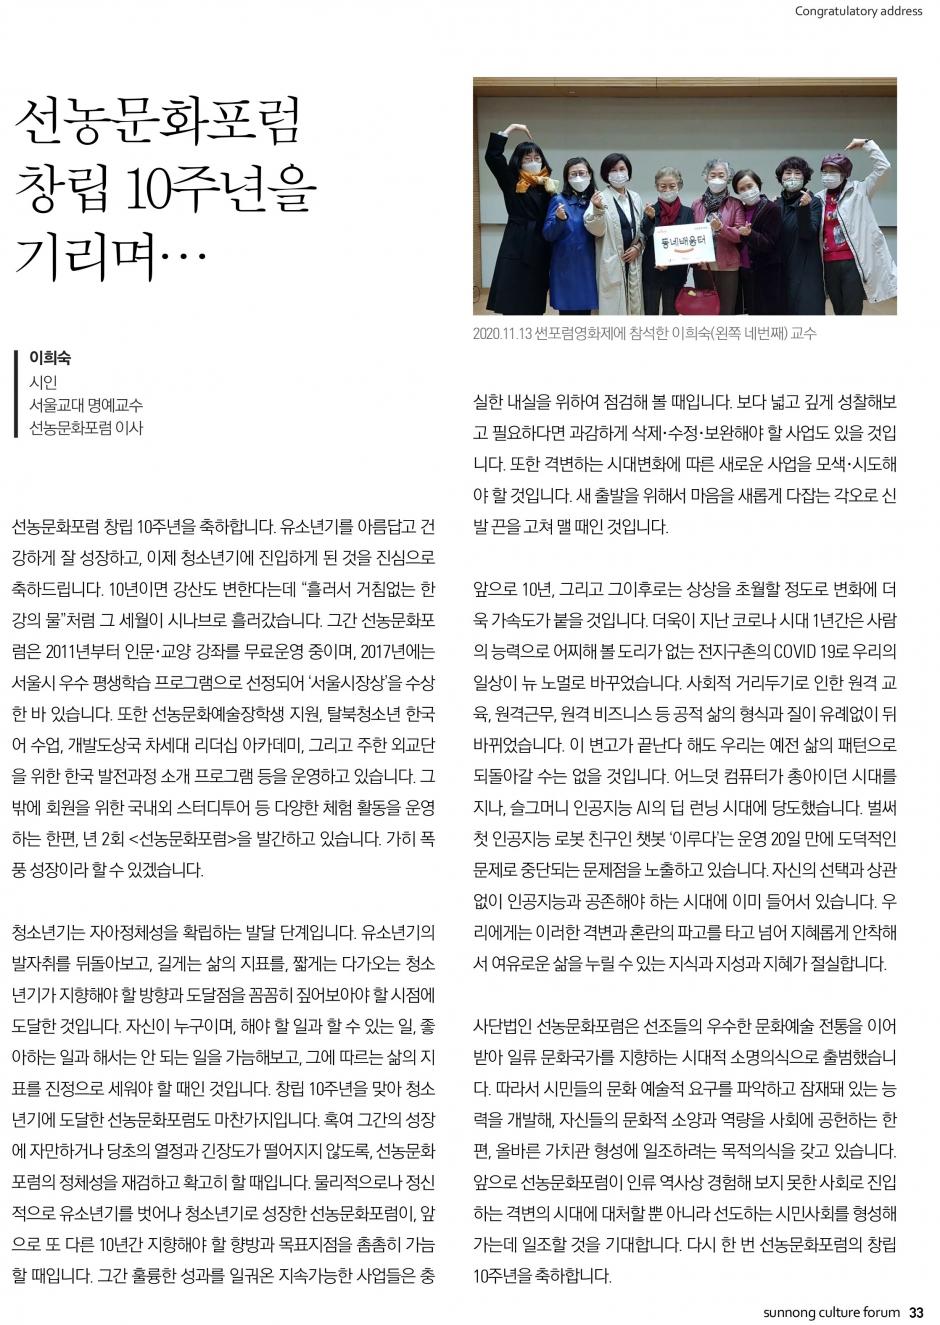 선농문화포럼_낱장-33.jpg